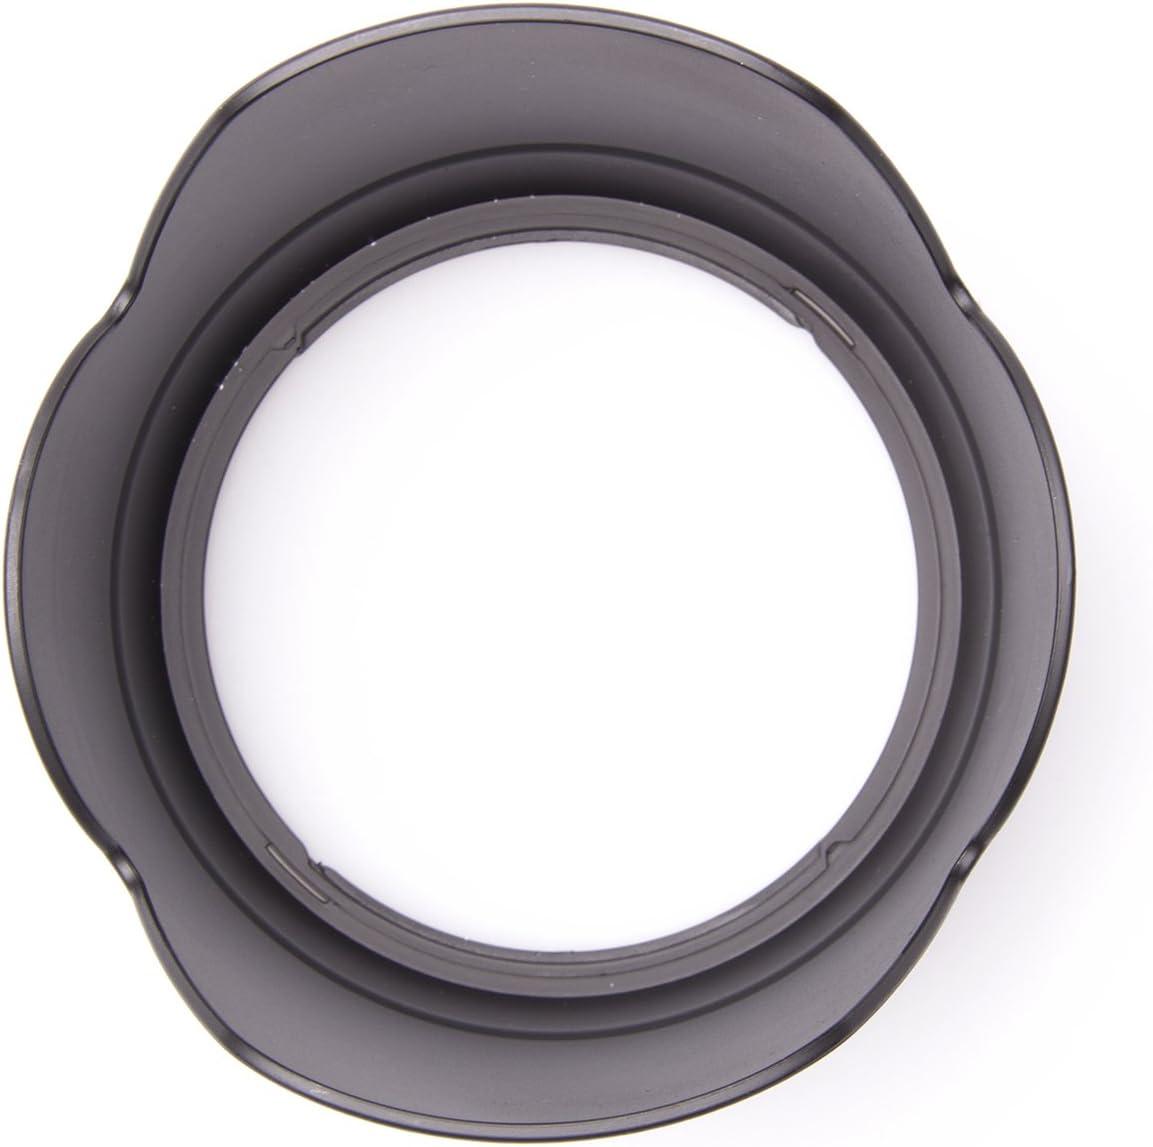 Fovitec OEM Quality 1x Lens Hood for Canon ET-83II DSLR - Hardened ABS Plastic